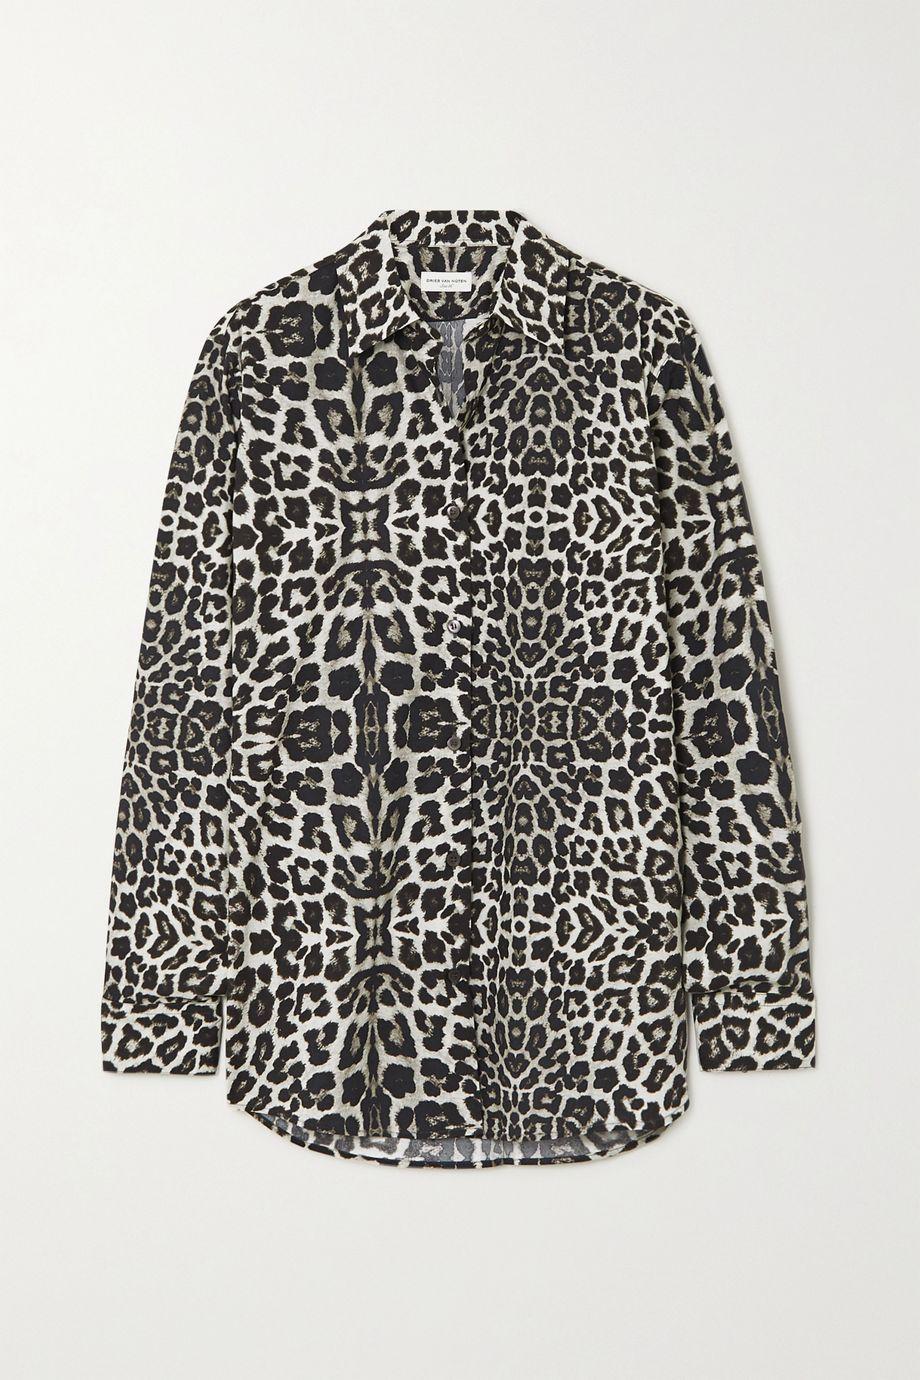 Dries Van Noten Hemd aus Baumwollpopeline mit Leopardenprint